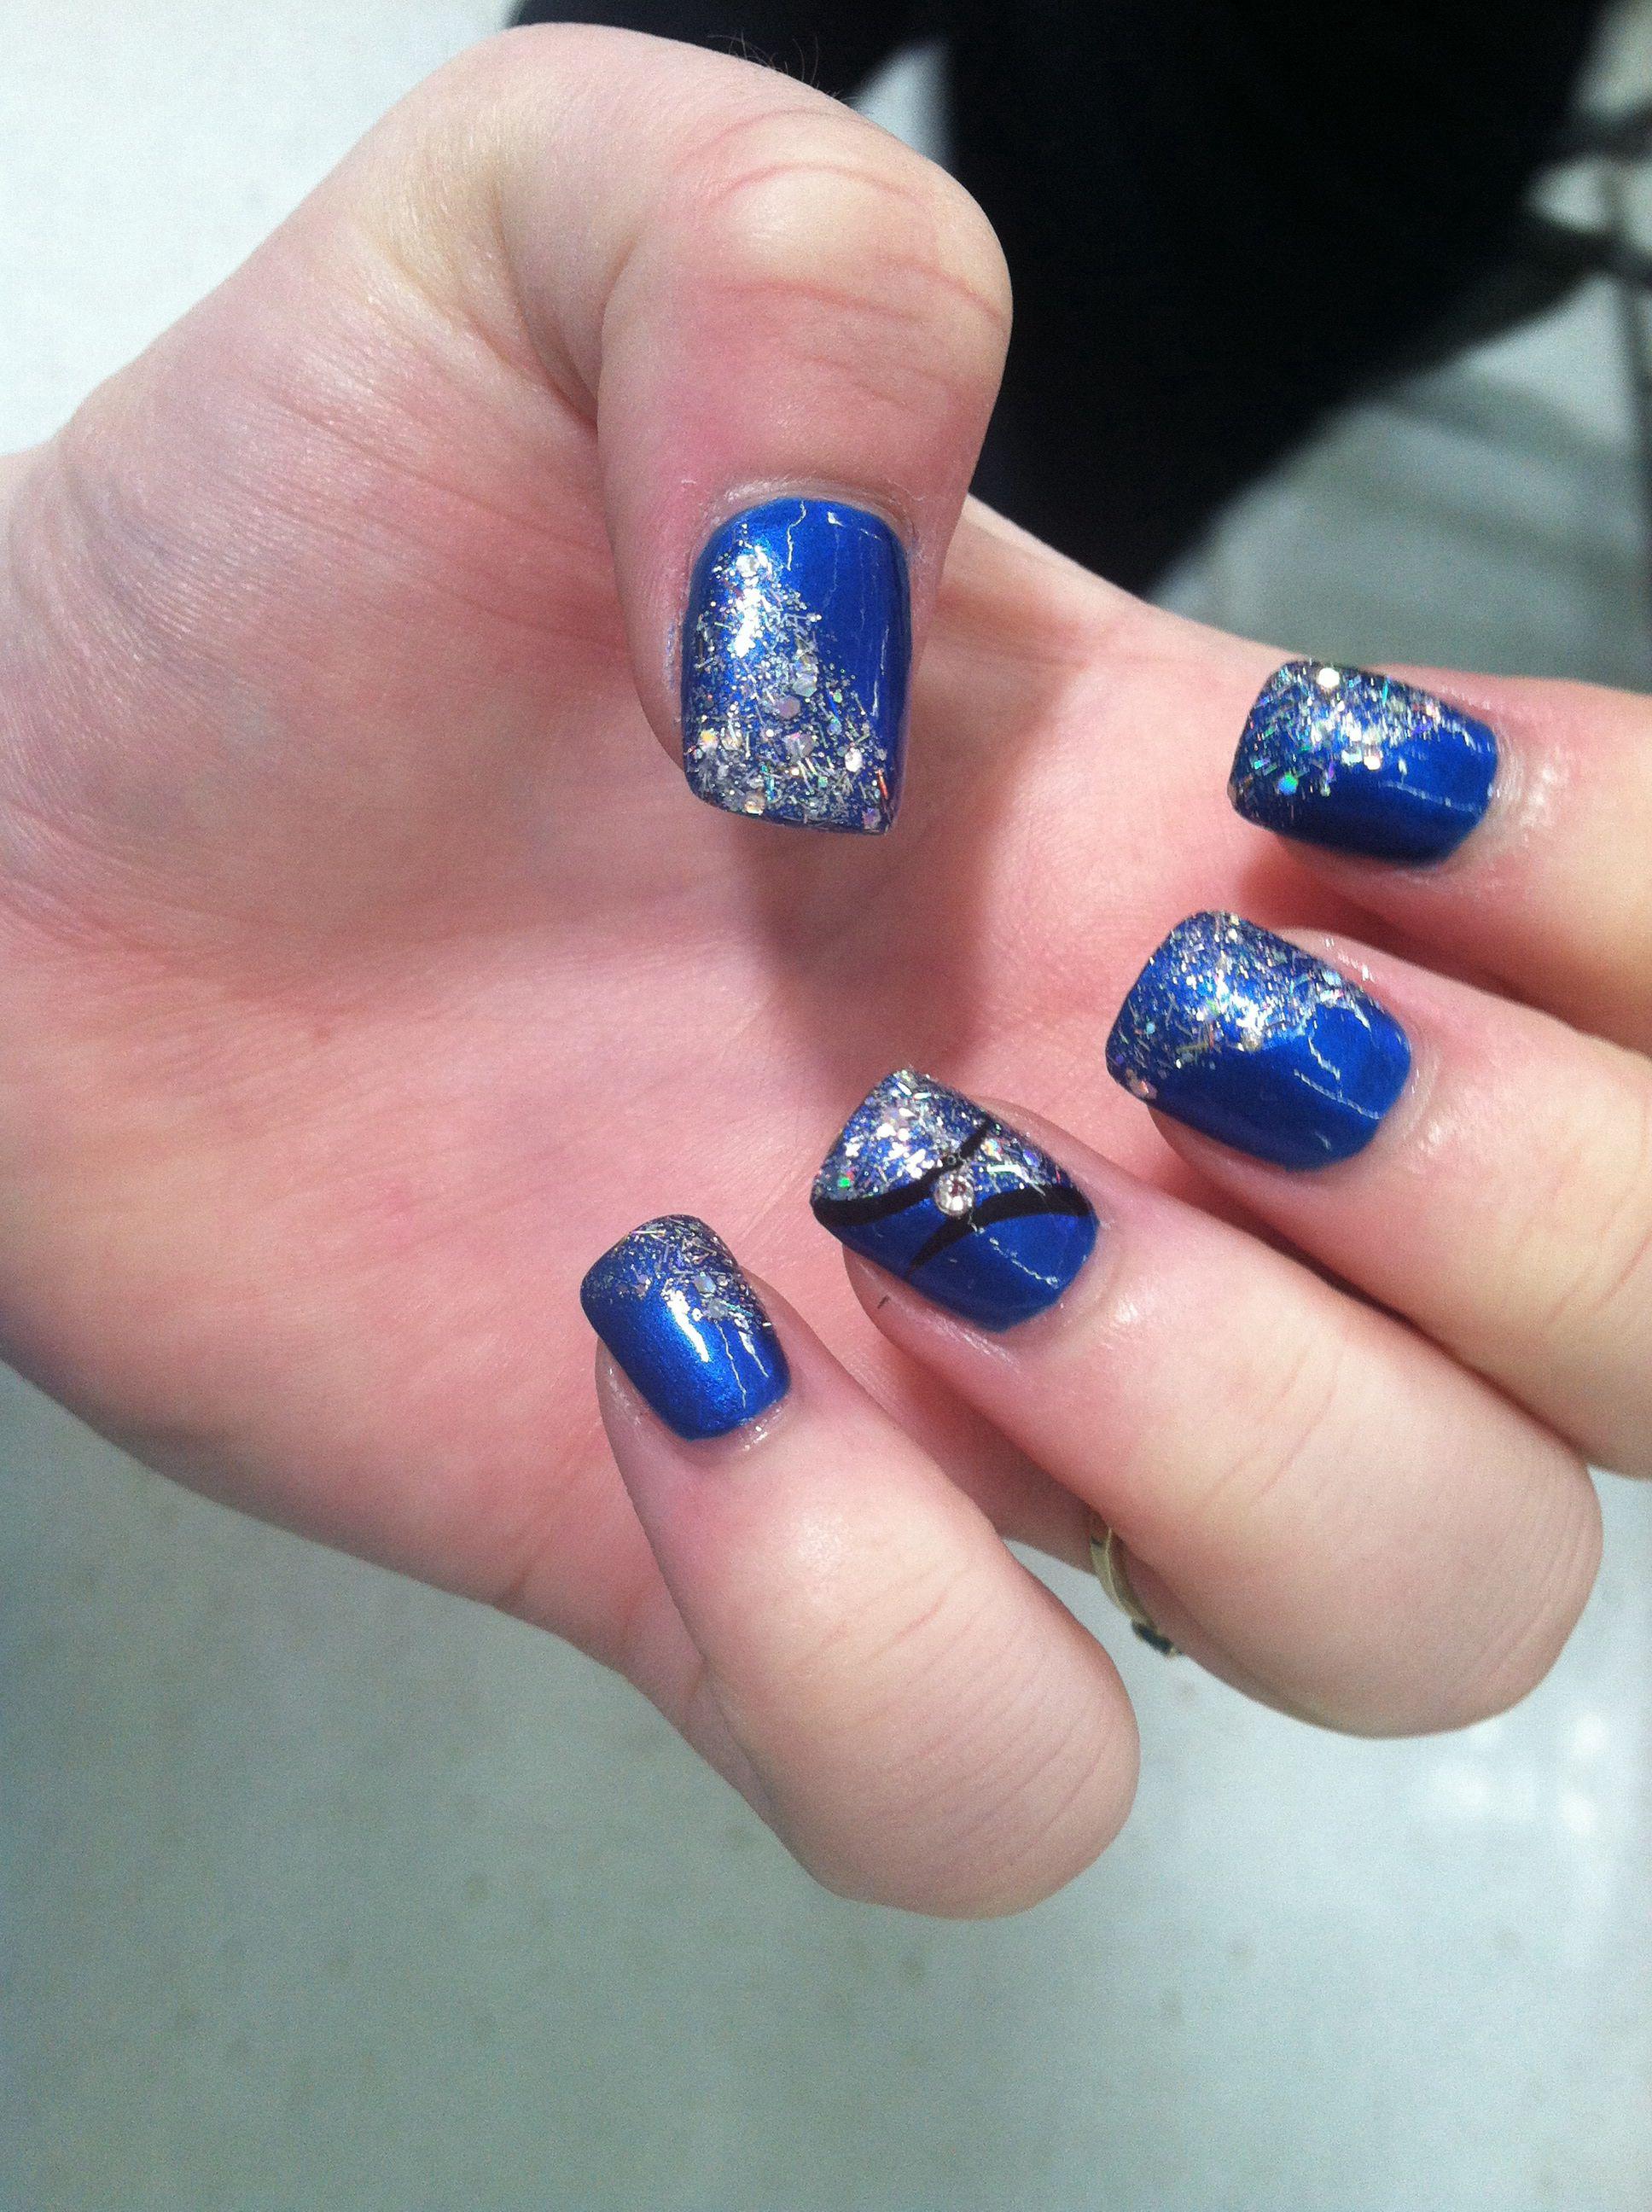 My homecoming nails